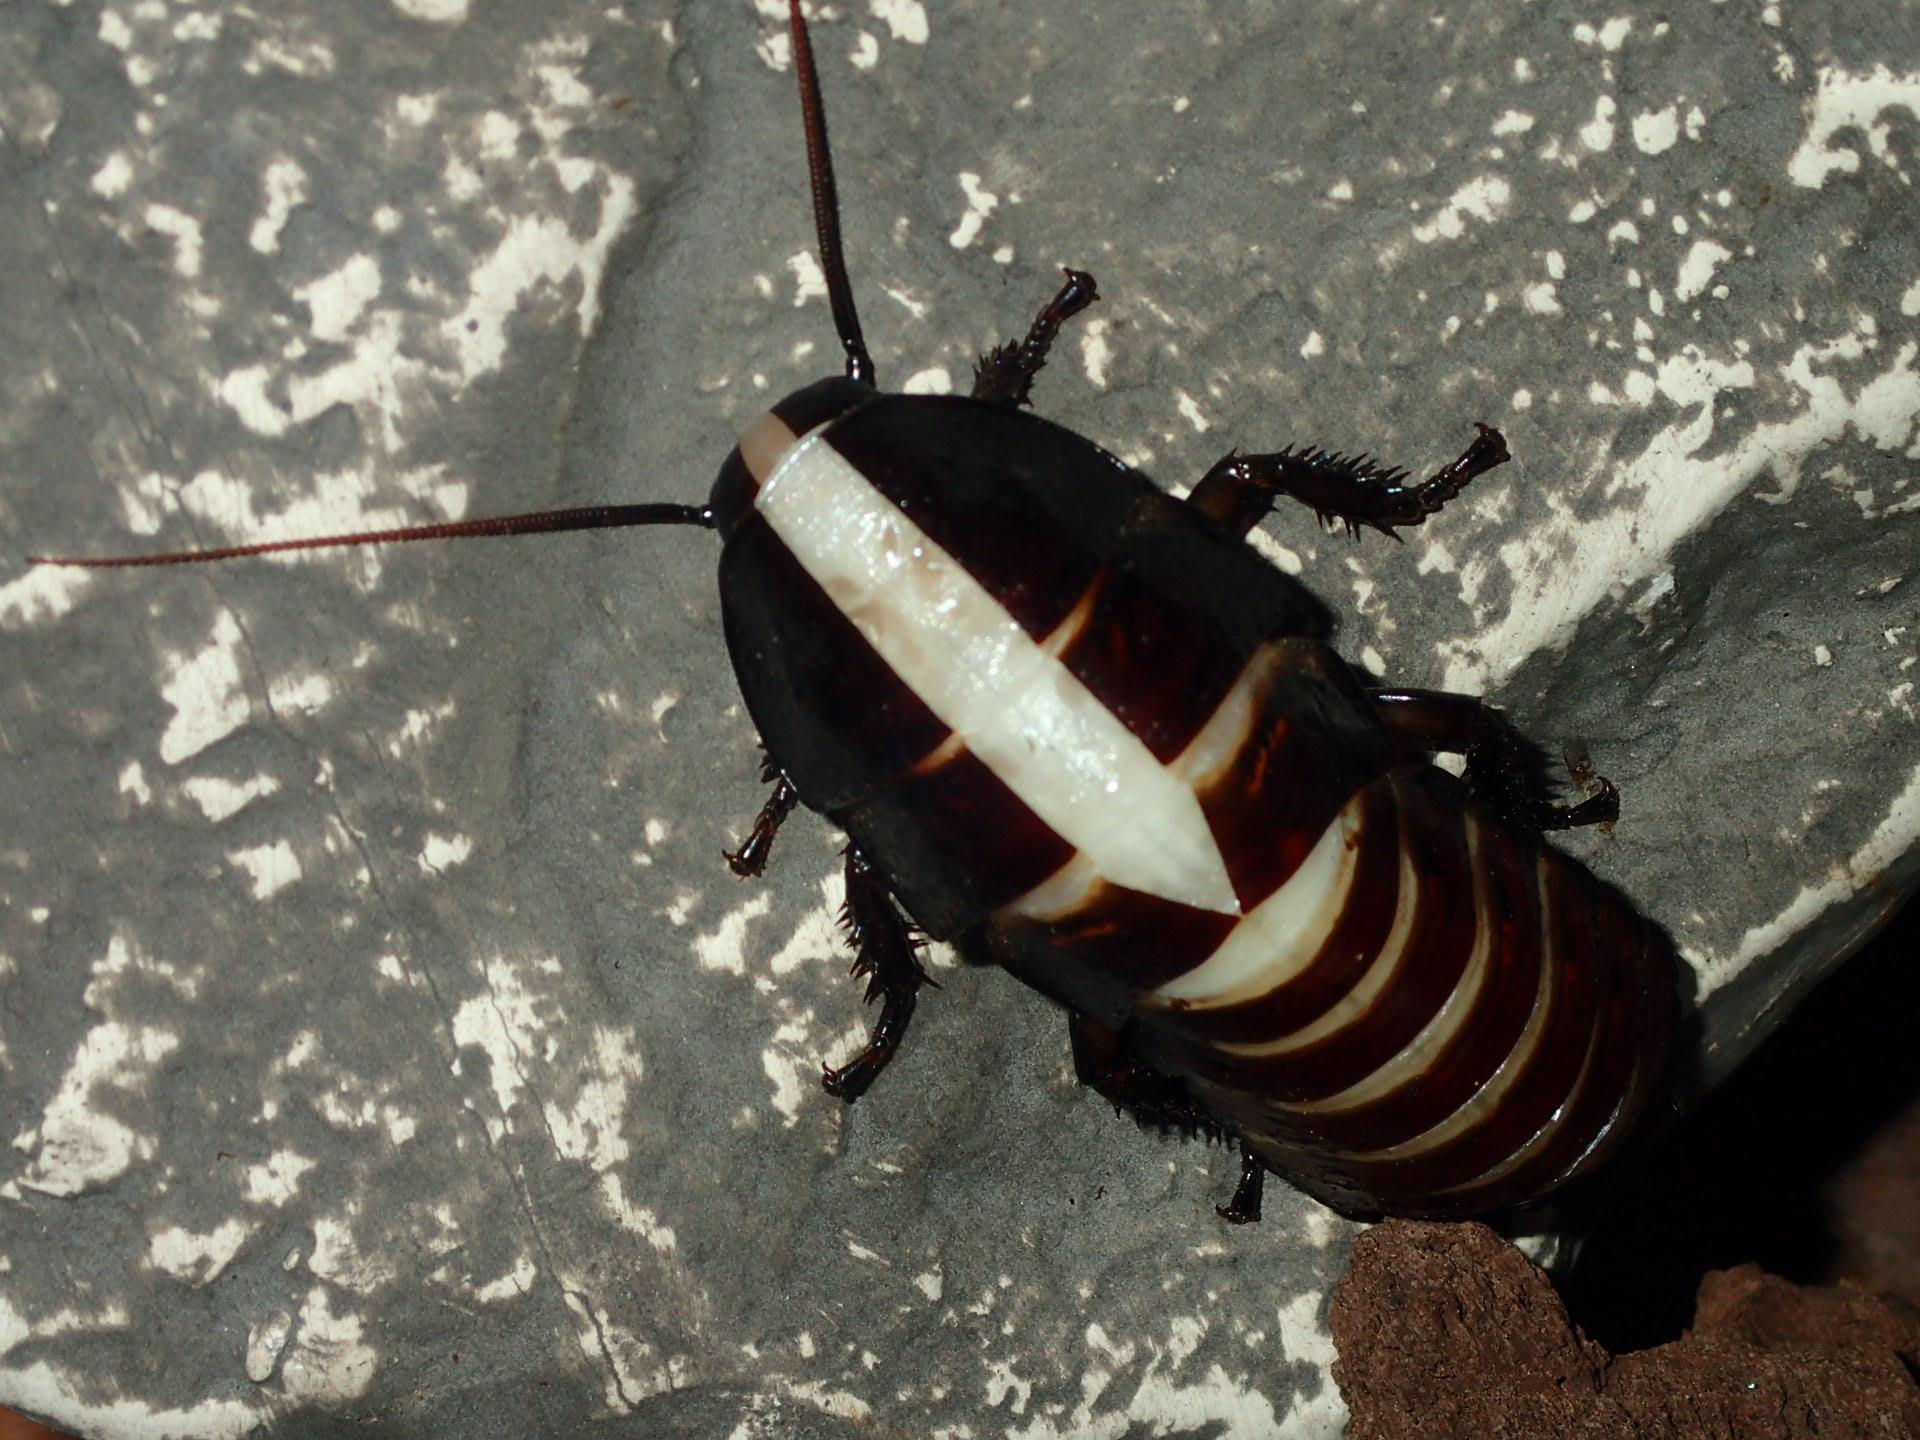 Hissing Roach - Split expands